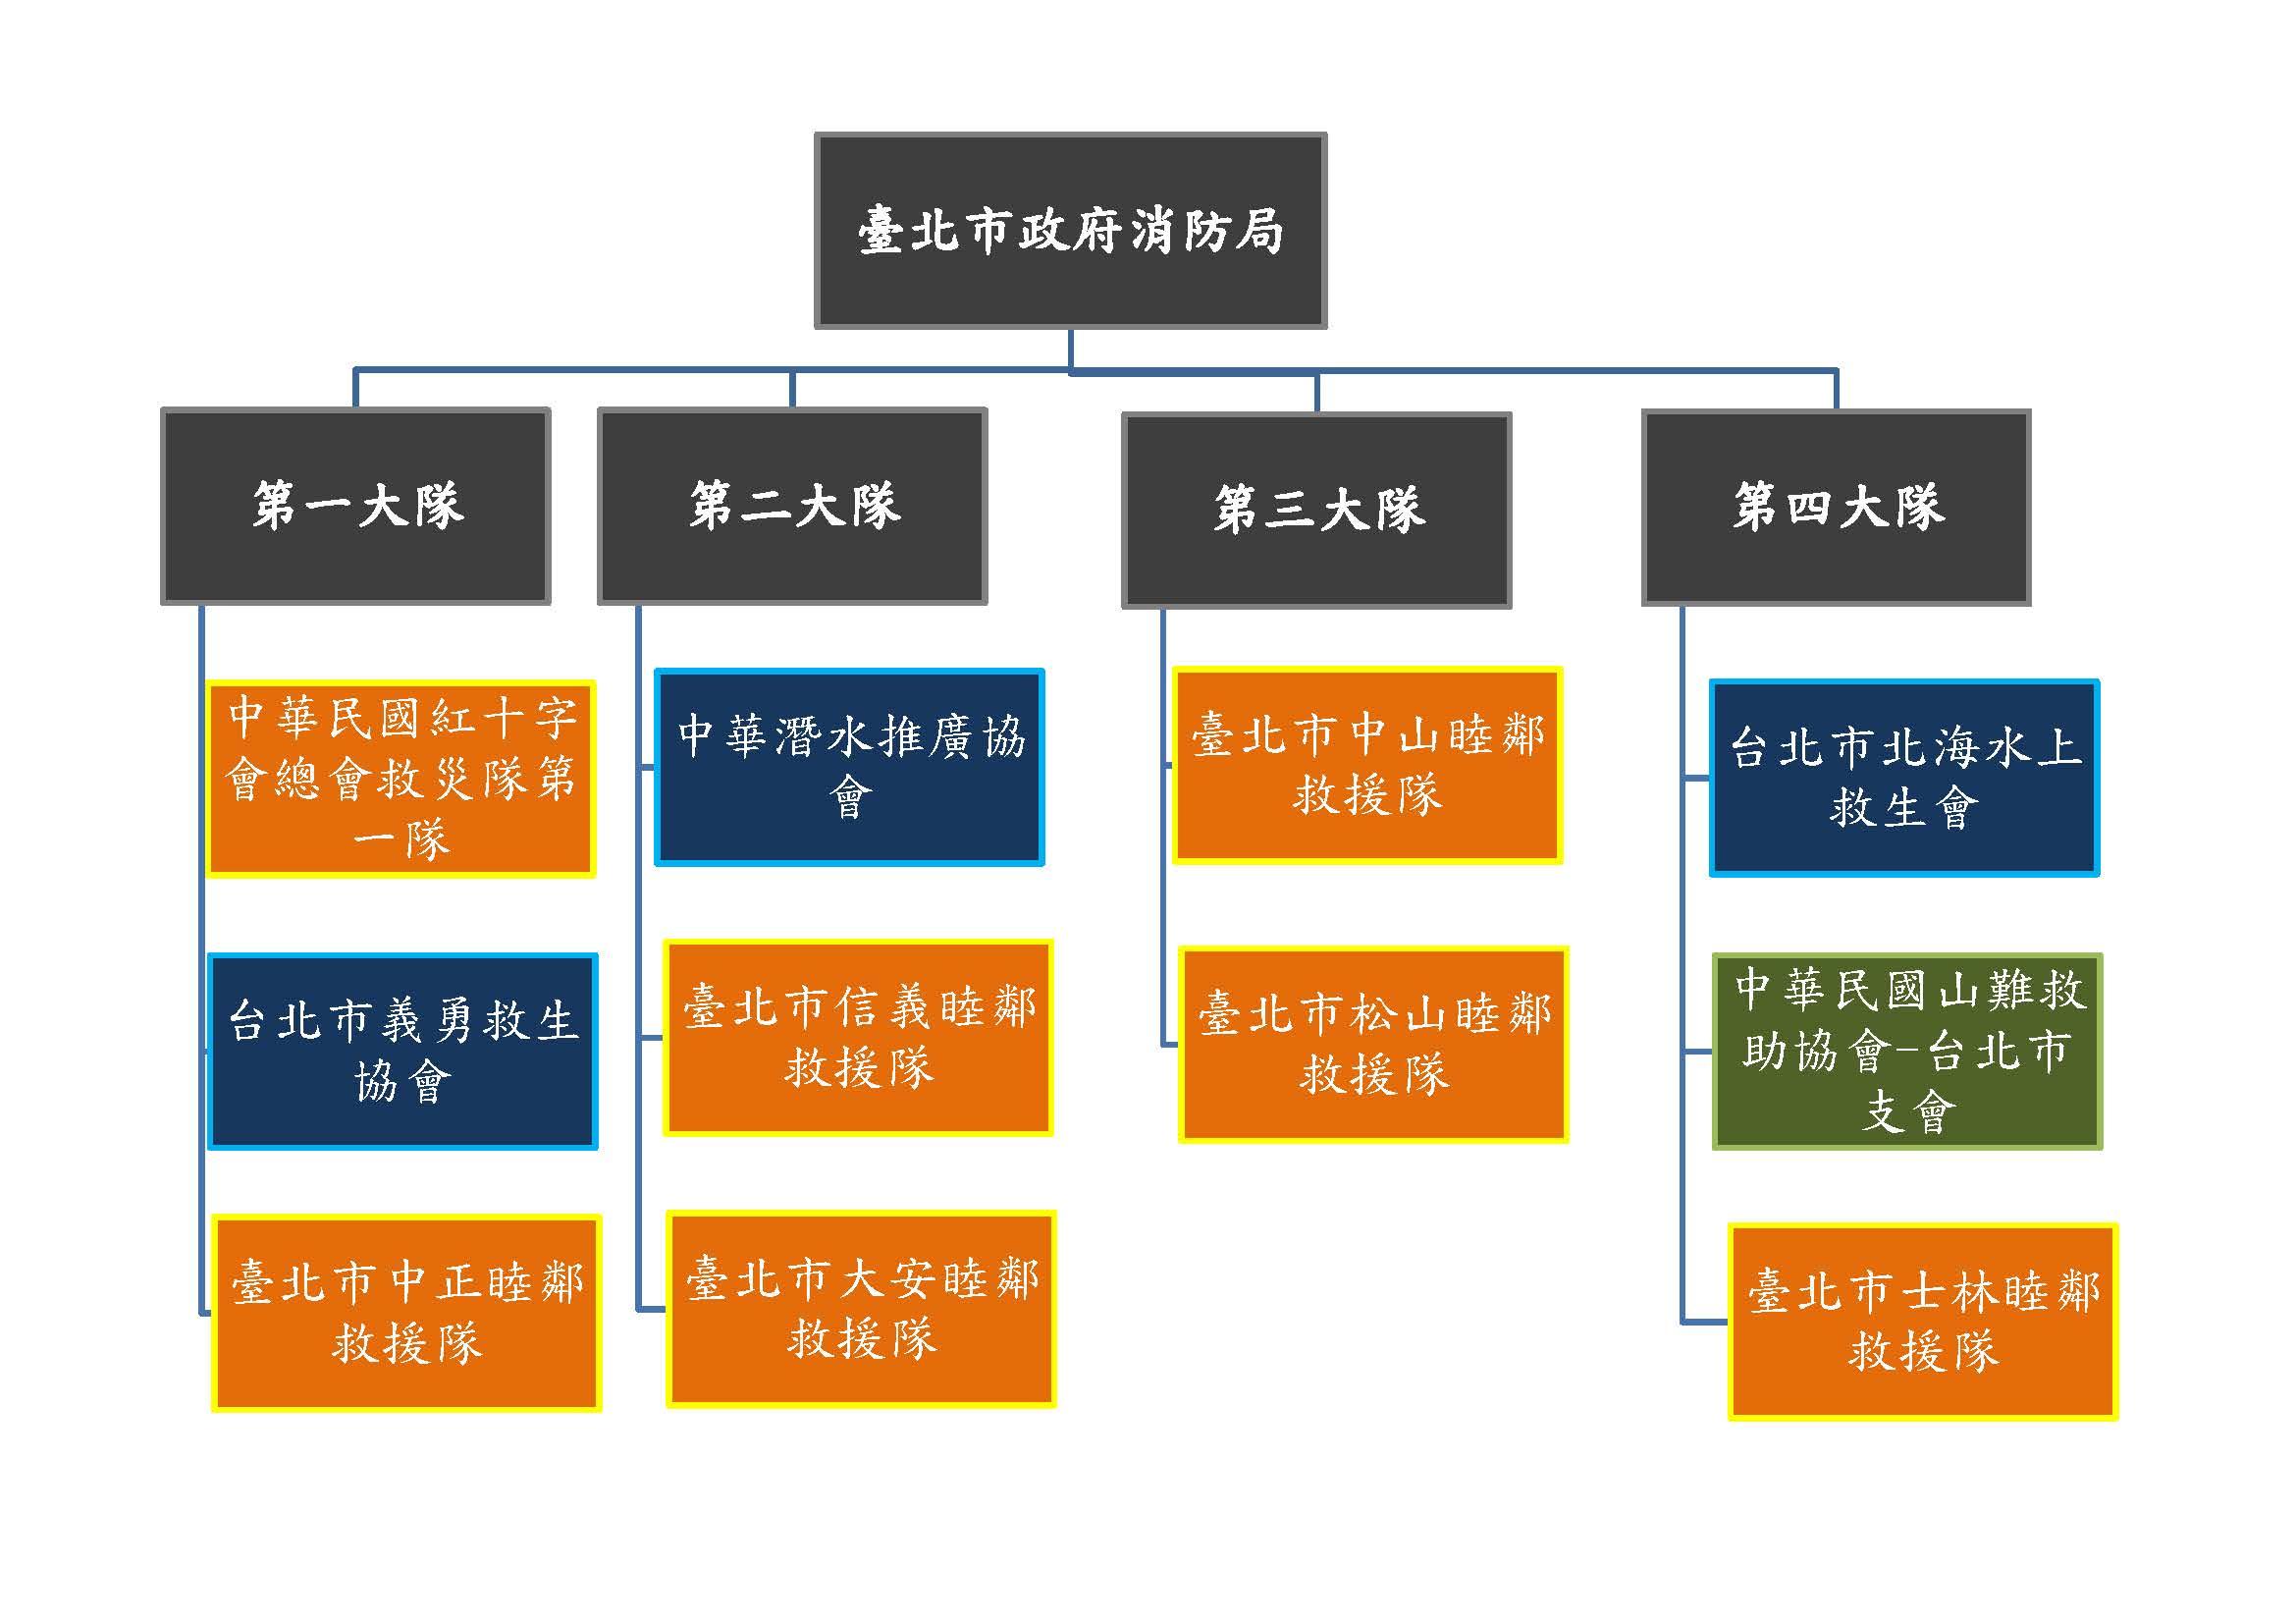 各大隊防救志願組織圖